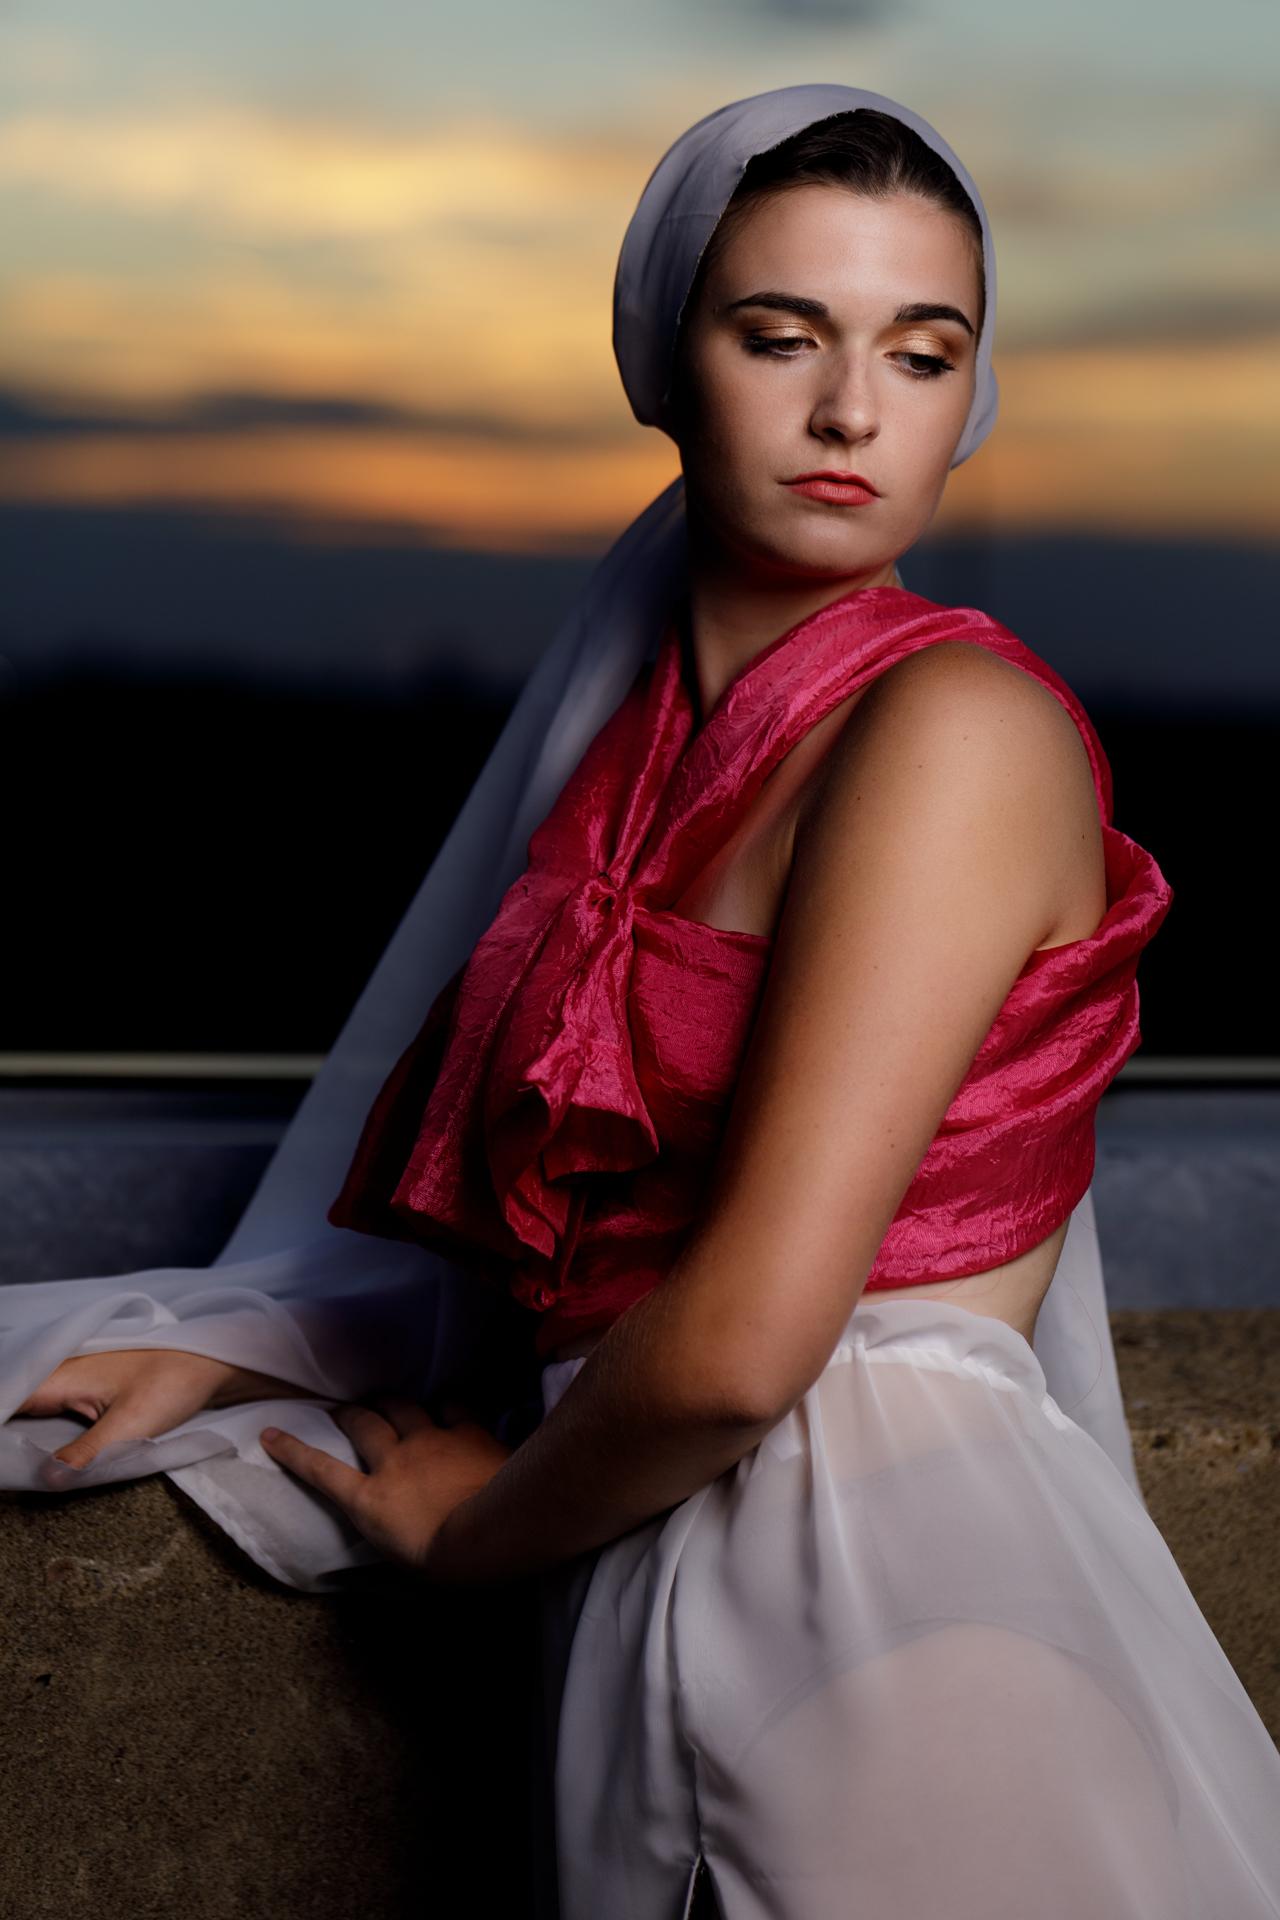 CFrenette-marilyne-ruban rose-13